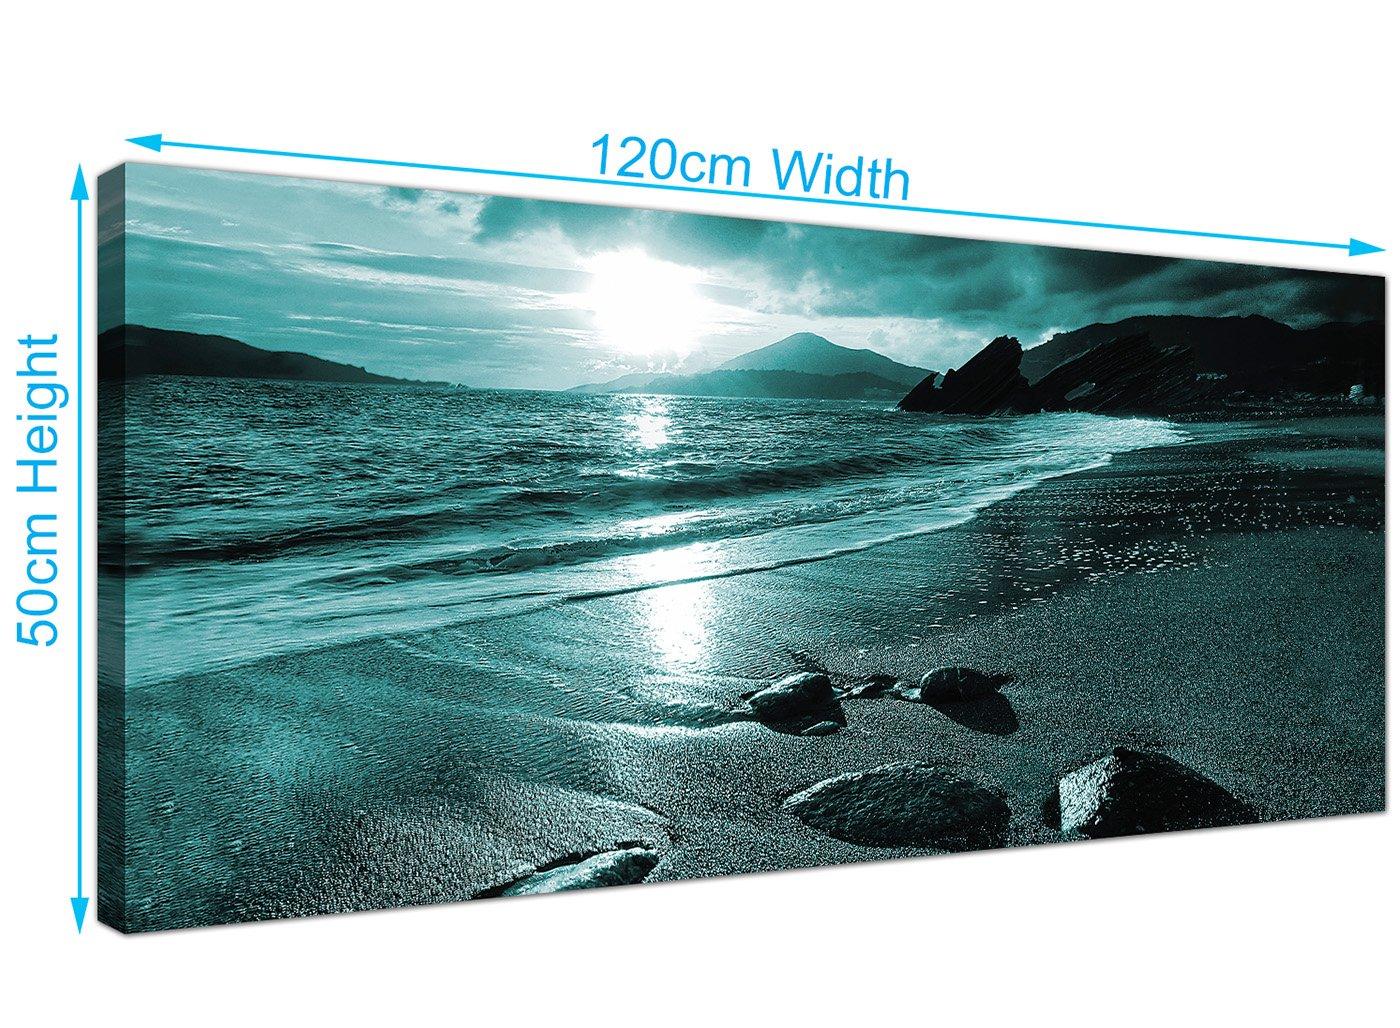 Amazon.de: Modern Blaugrün Leinwand Bilder of a Beach Sunset ...